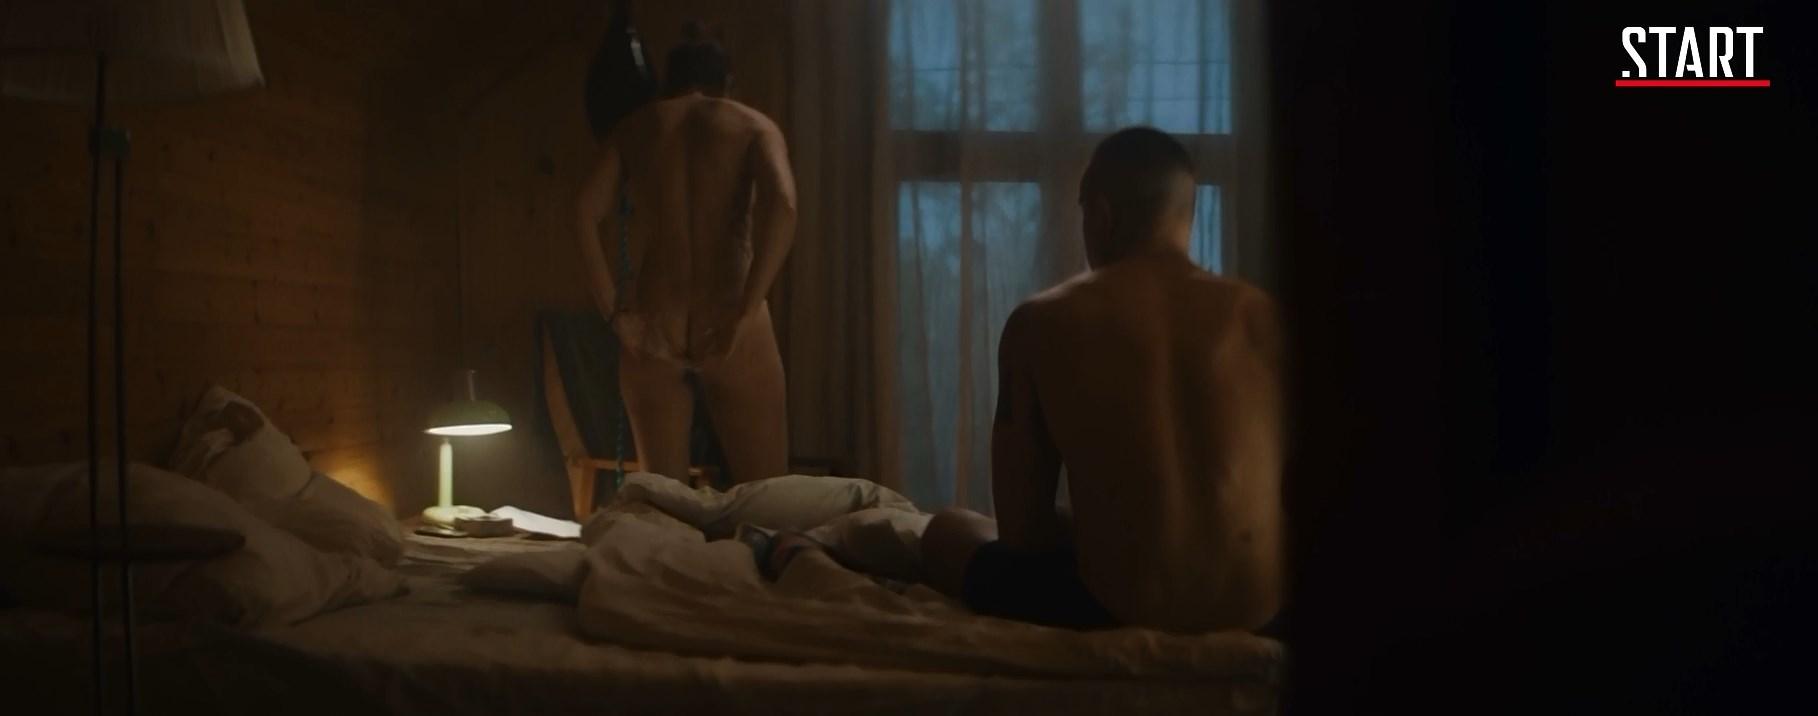 Agata Muceniece nude - V kletke s01e03 (2019)